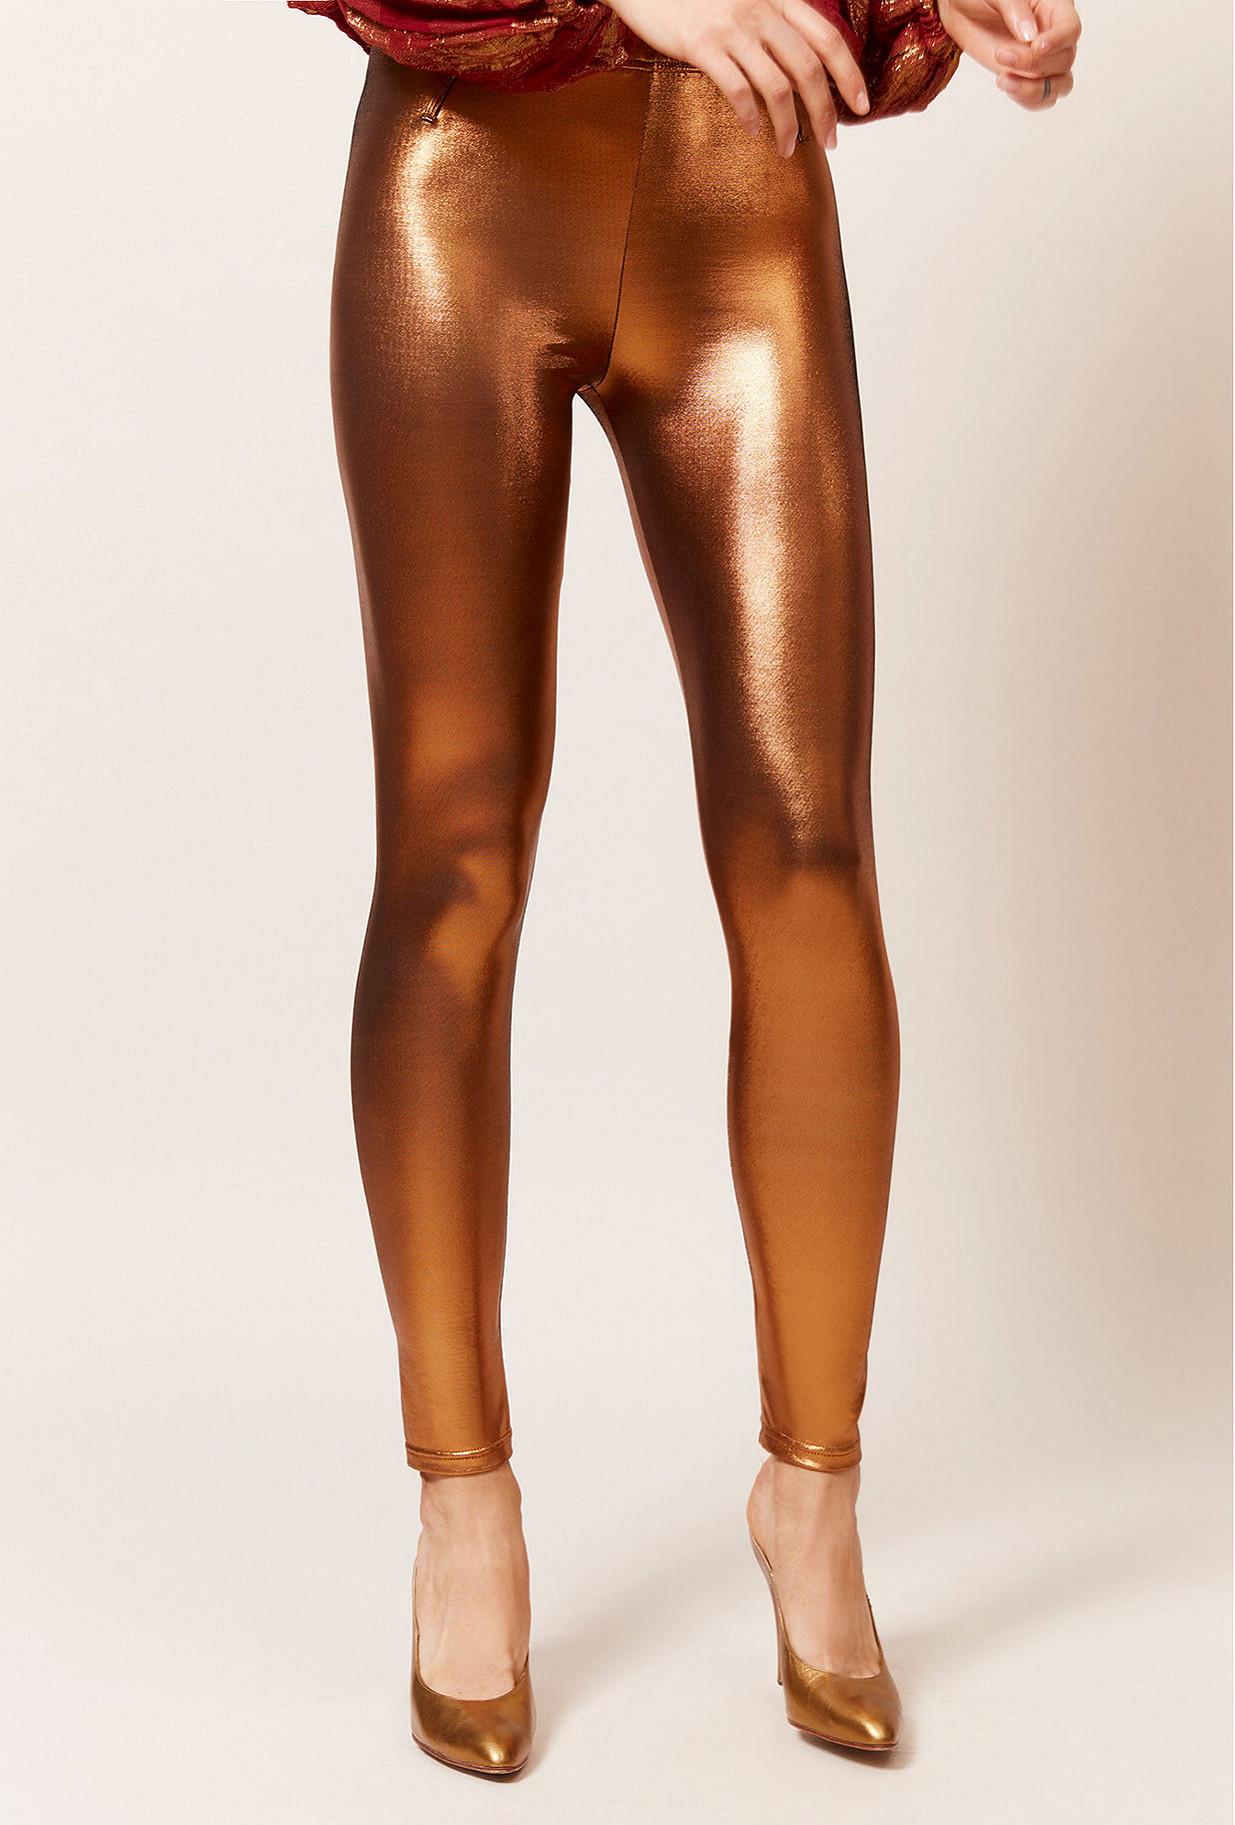 Pantalon Bronze  Krypton mes demoiselles paris vêtement femme paris